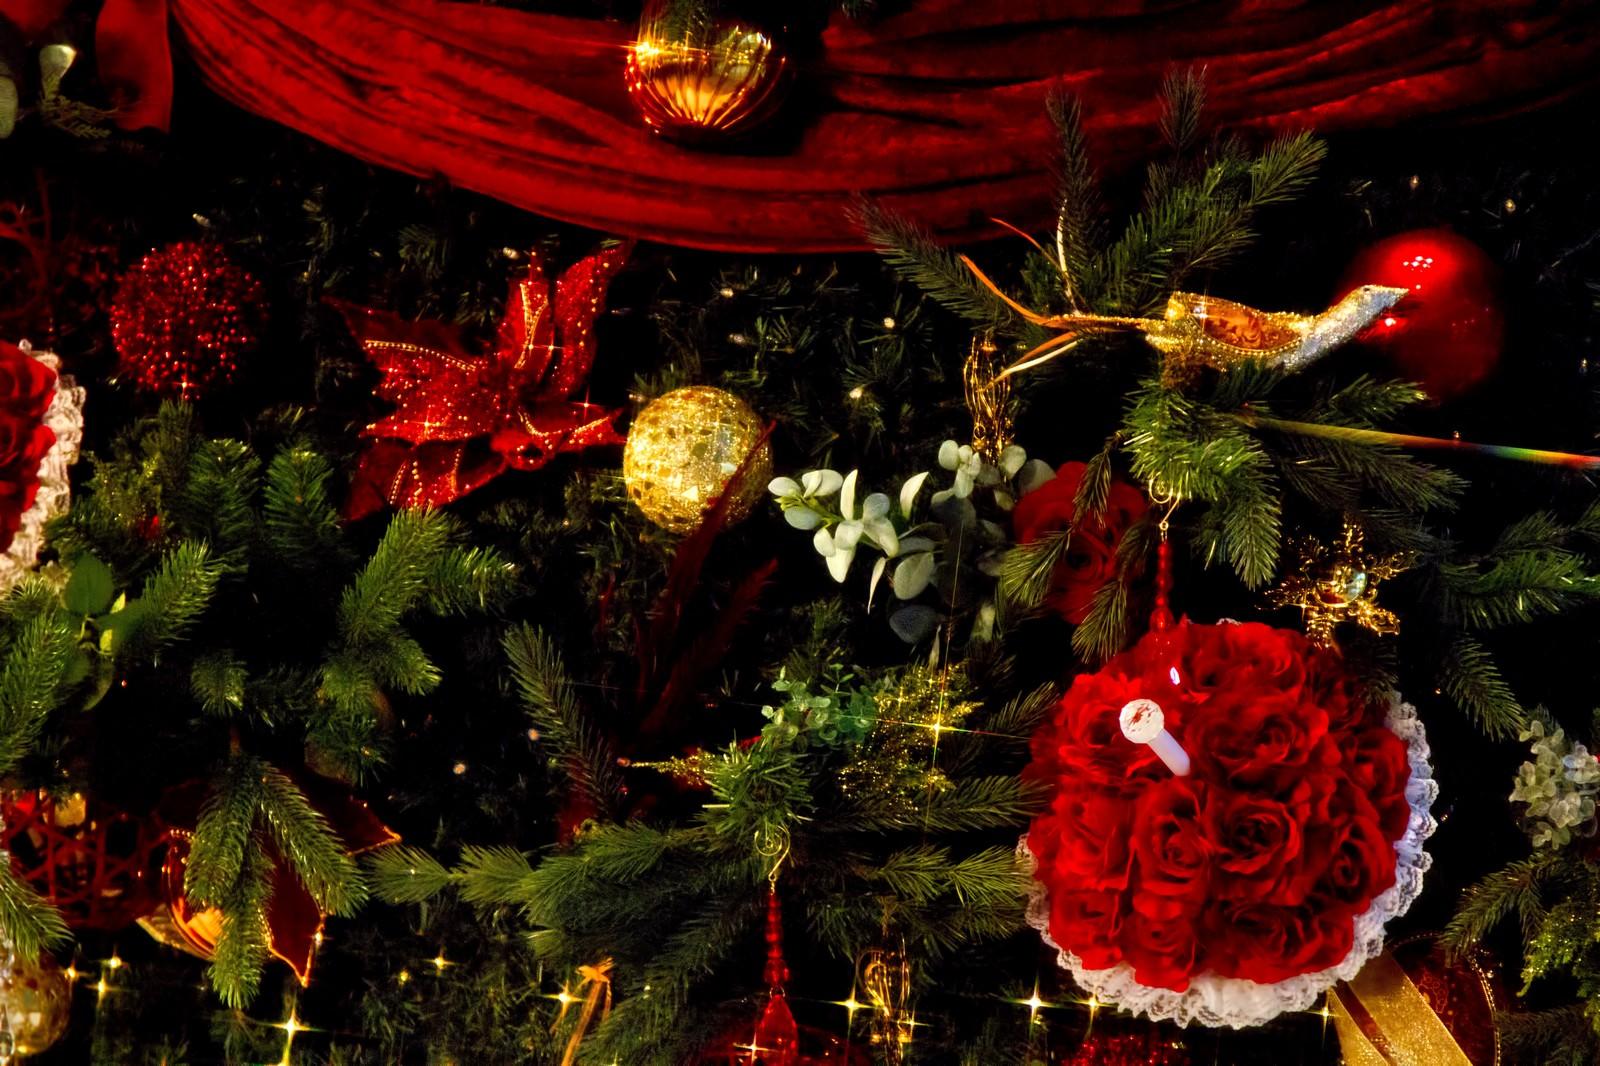 クリスマスツリーの飾り無料の写真素材はフリー素材のぱくたそ